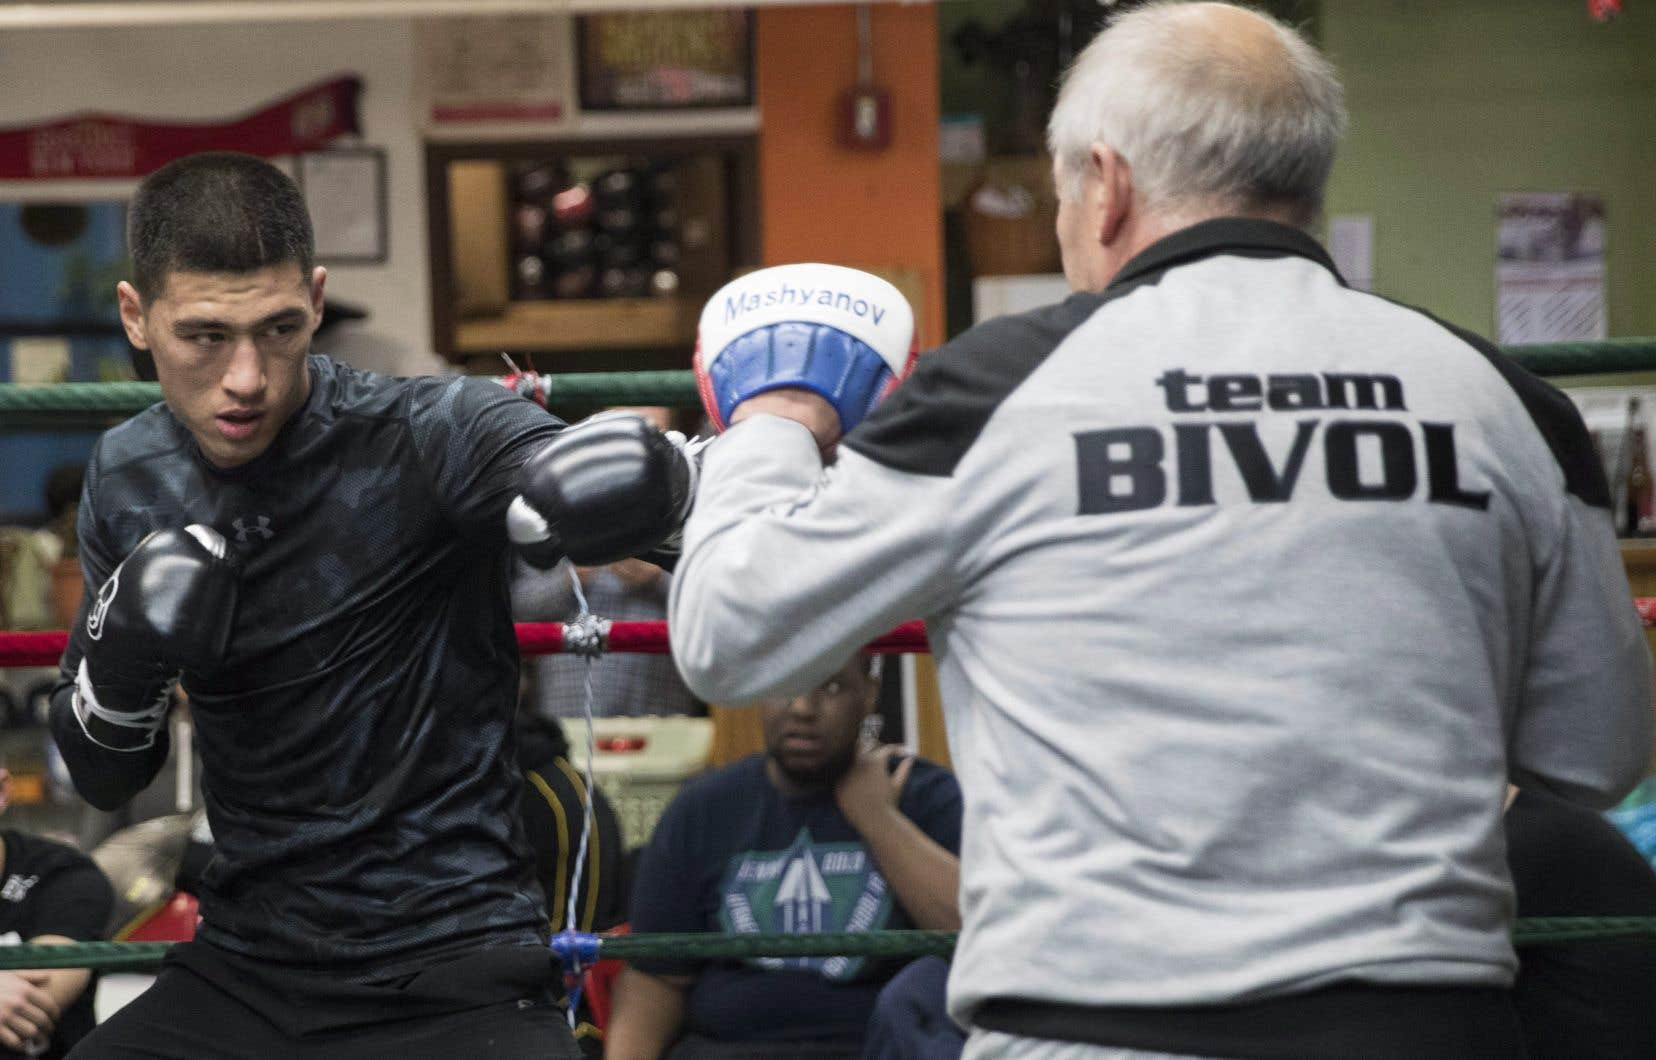 Il y a un important changement de la garde en boxe, qui pendant des années s'est fiée à la lutte entre HBO et Showtime pour ses importants combats. HBO part, mais d'autres réseaux et plateformes se bousculent pour combler ce vide.